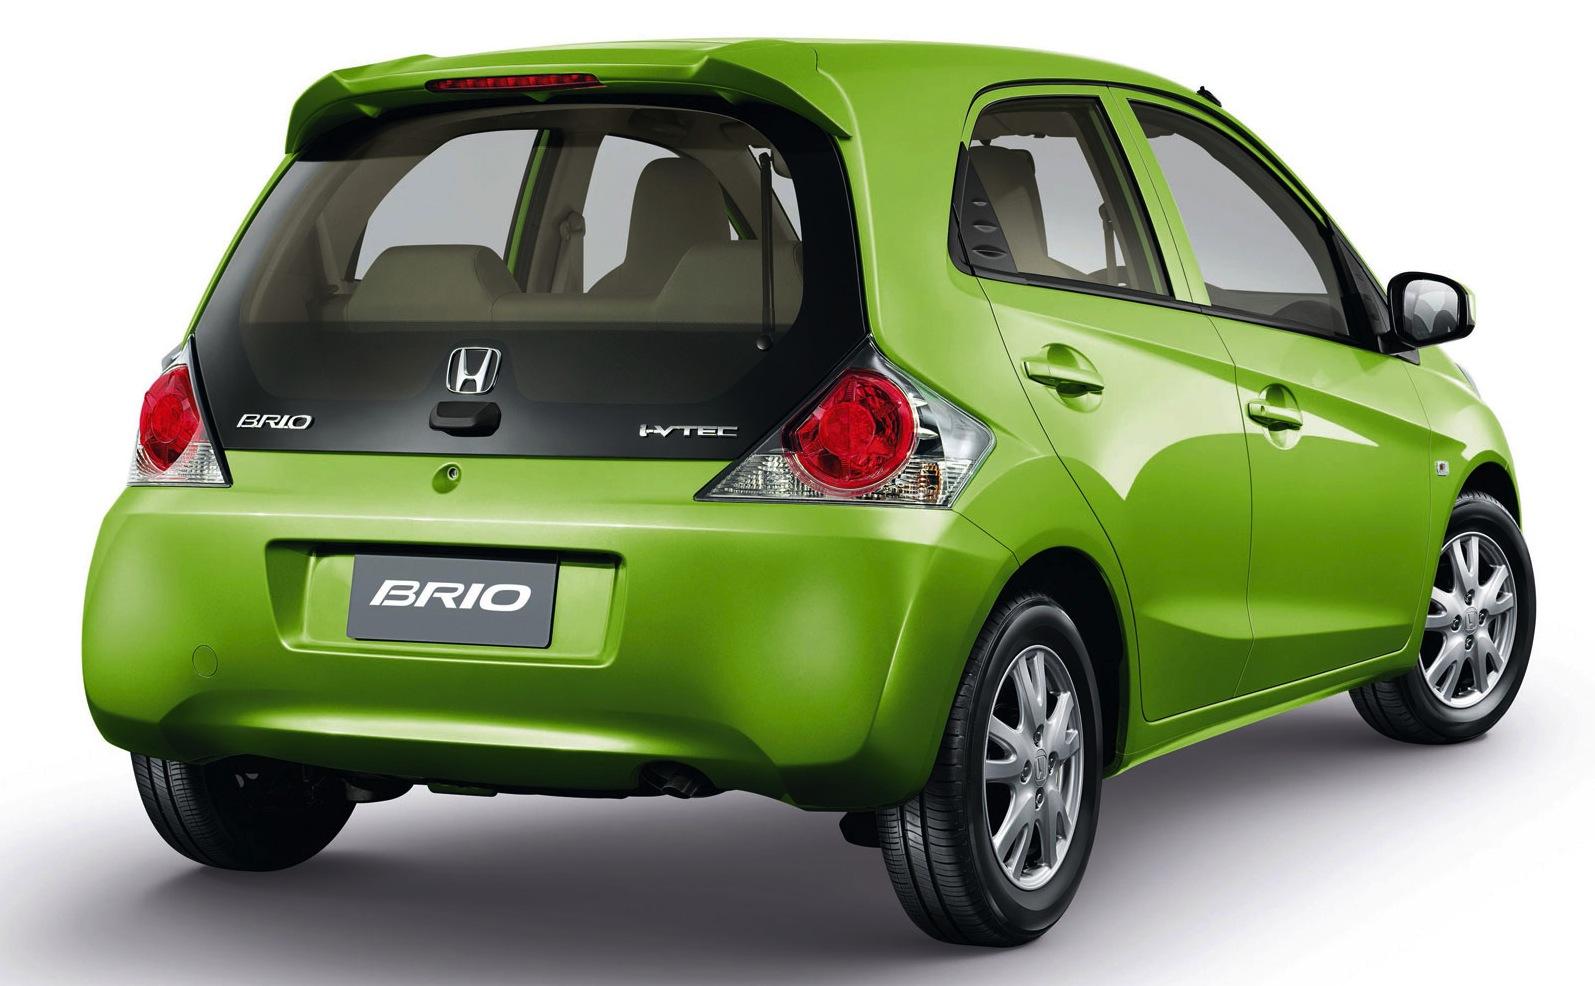 Kelebihan Kekurangan Mobil Honda Brio Perbandingan Harga